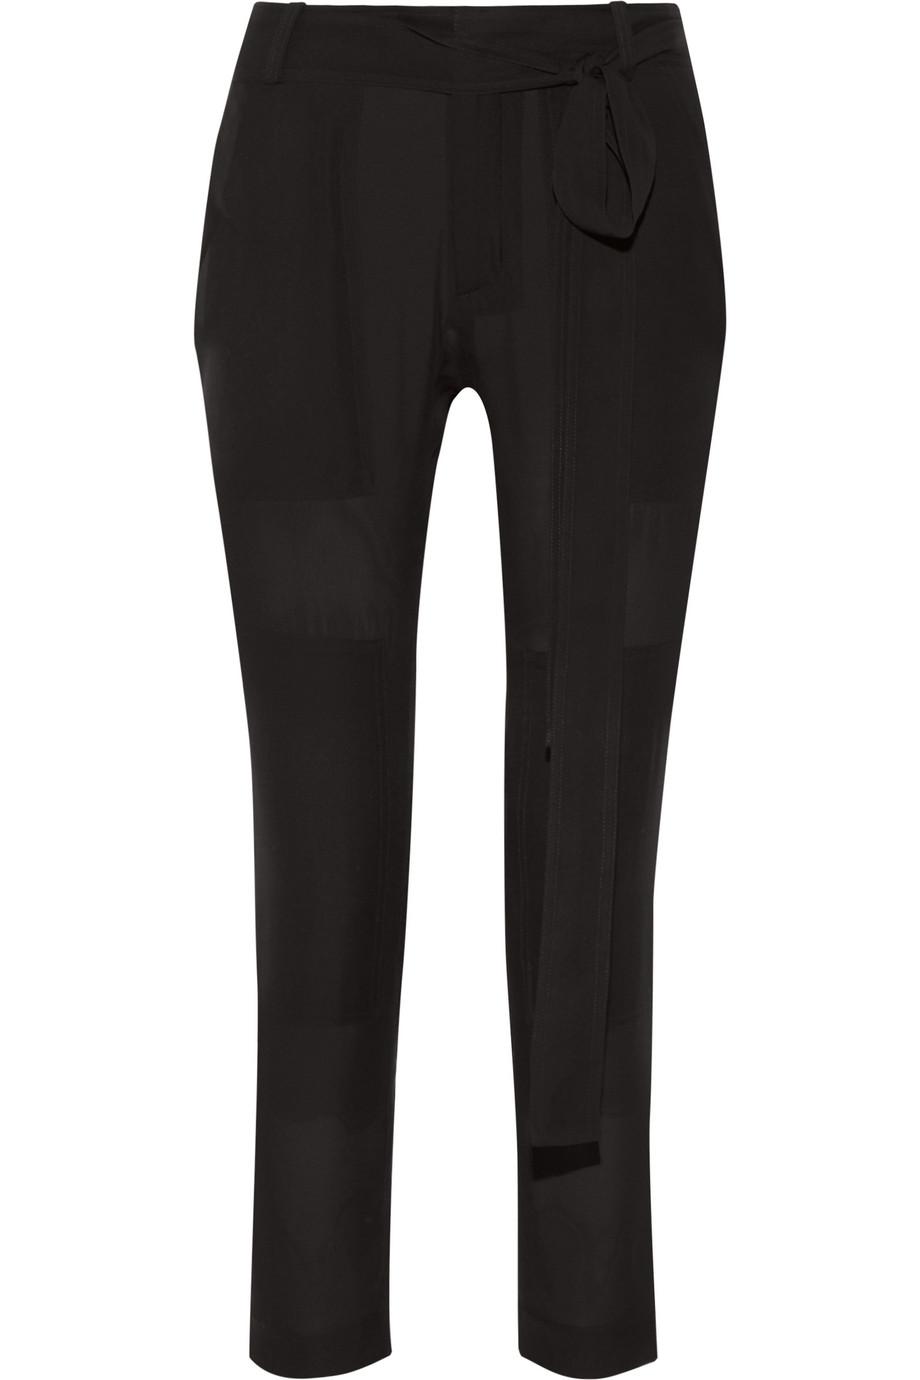 Poolside Tonka Silk-Georgette Skinny Pants, Black, Women's, Size: 6